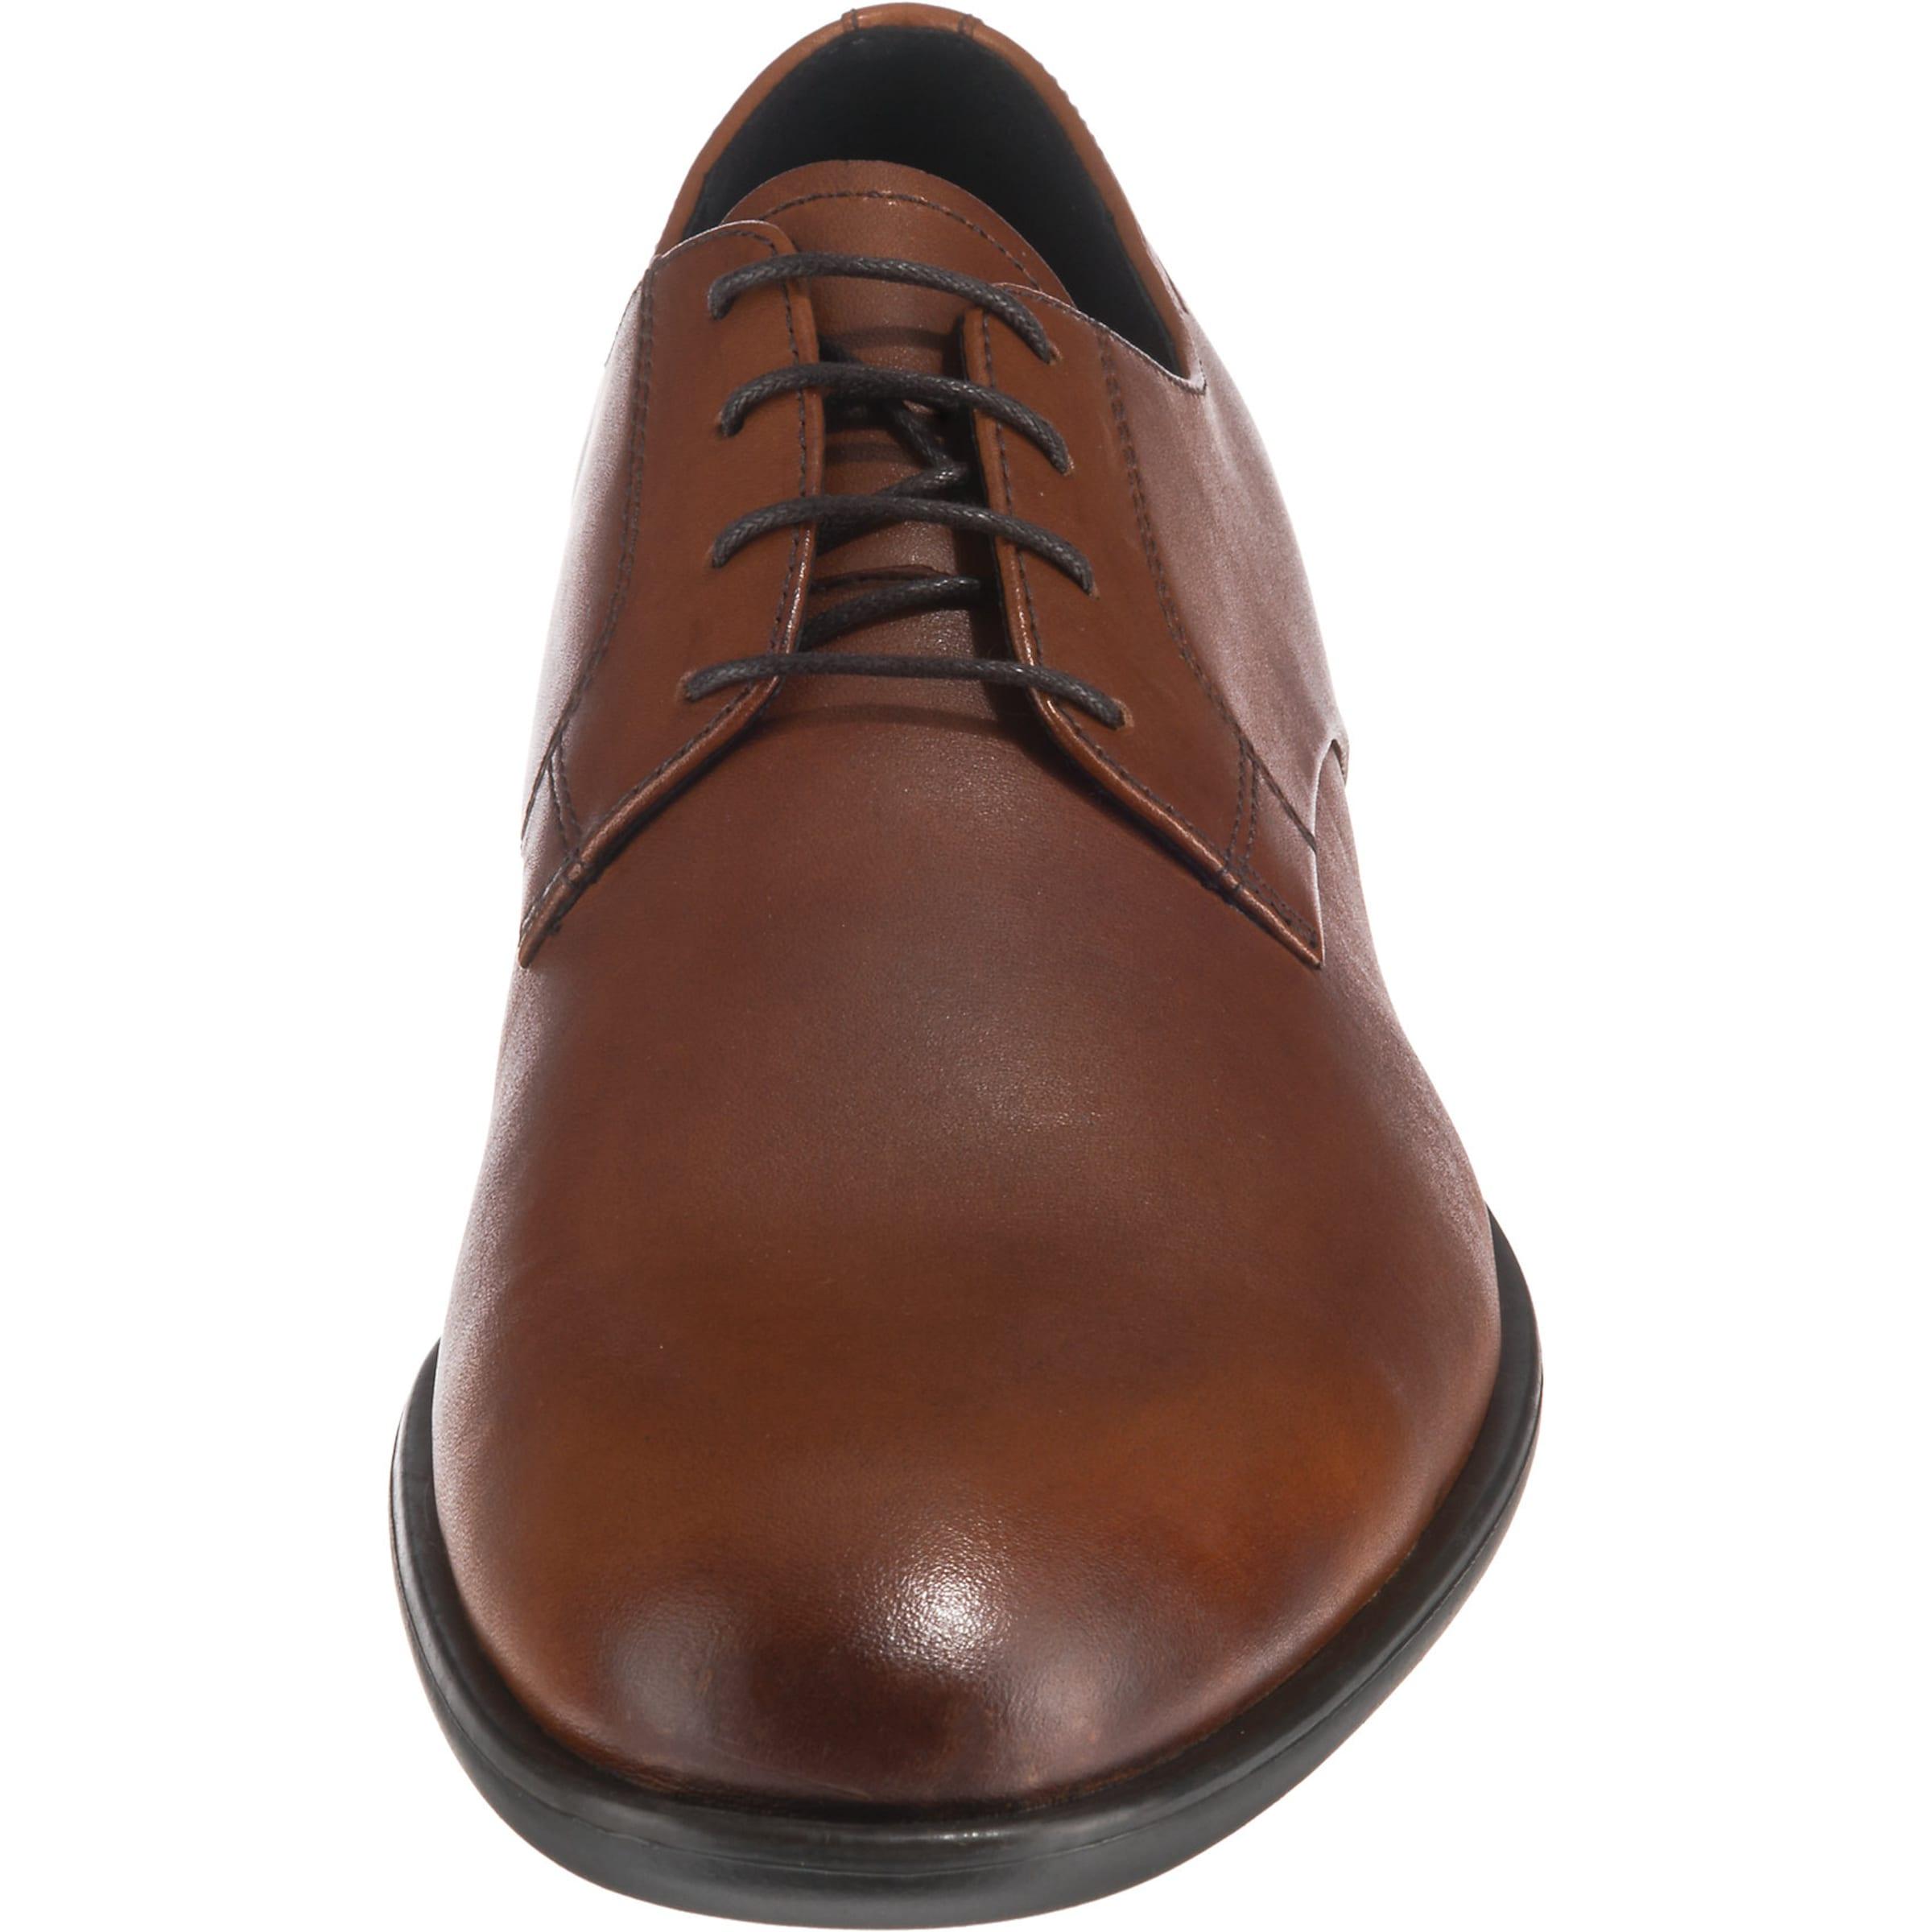 Braun Business In Vagabond Shoemakers schnürschuh 'harvey' bHE9eWIYD2